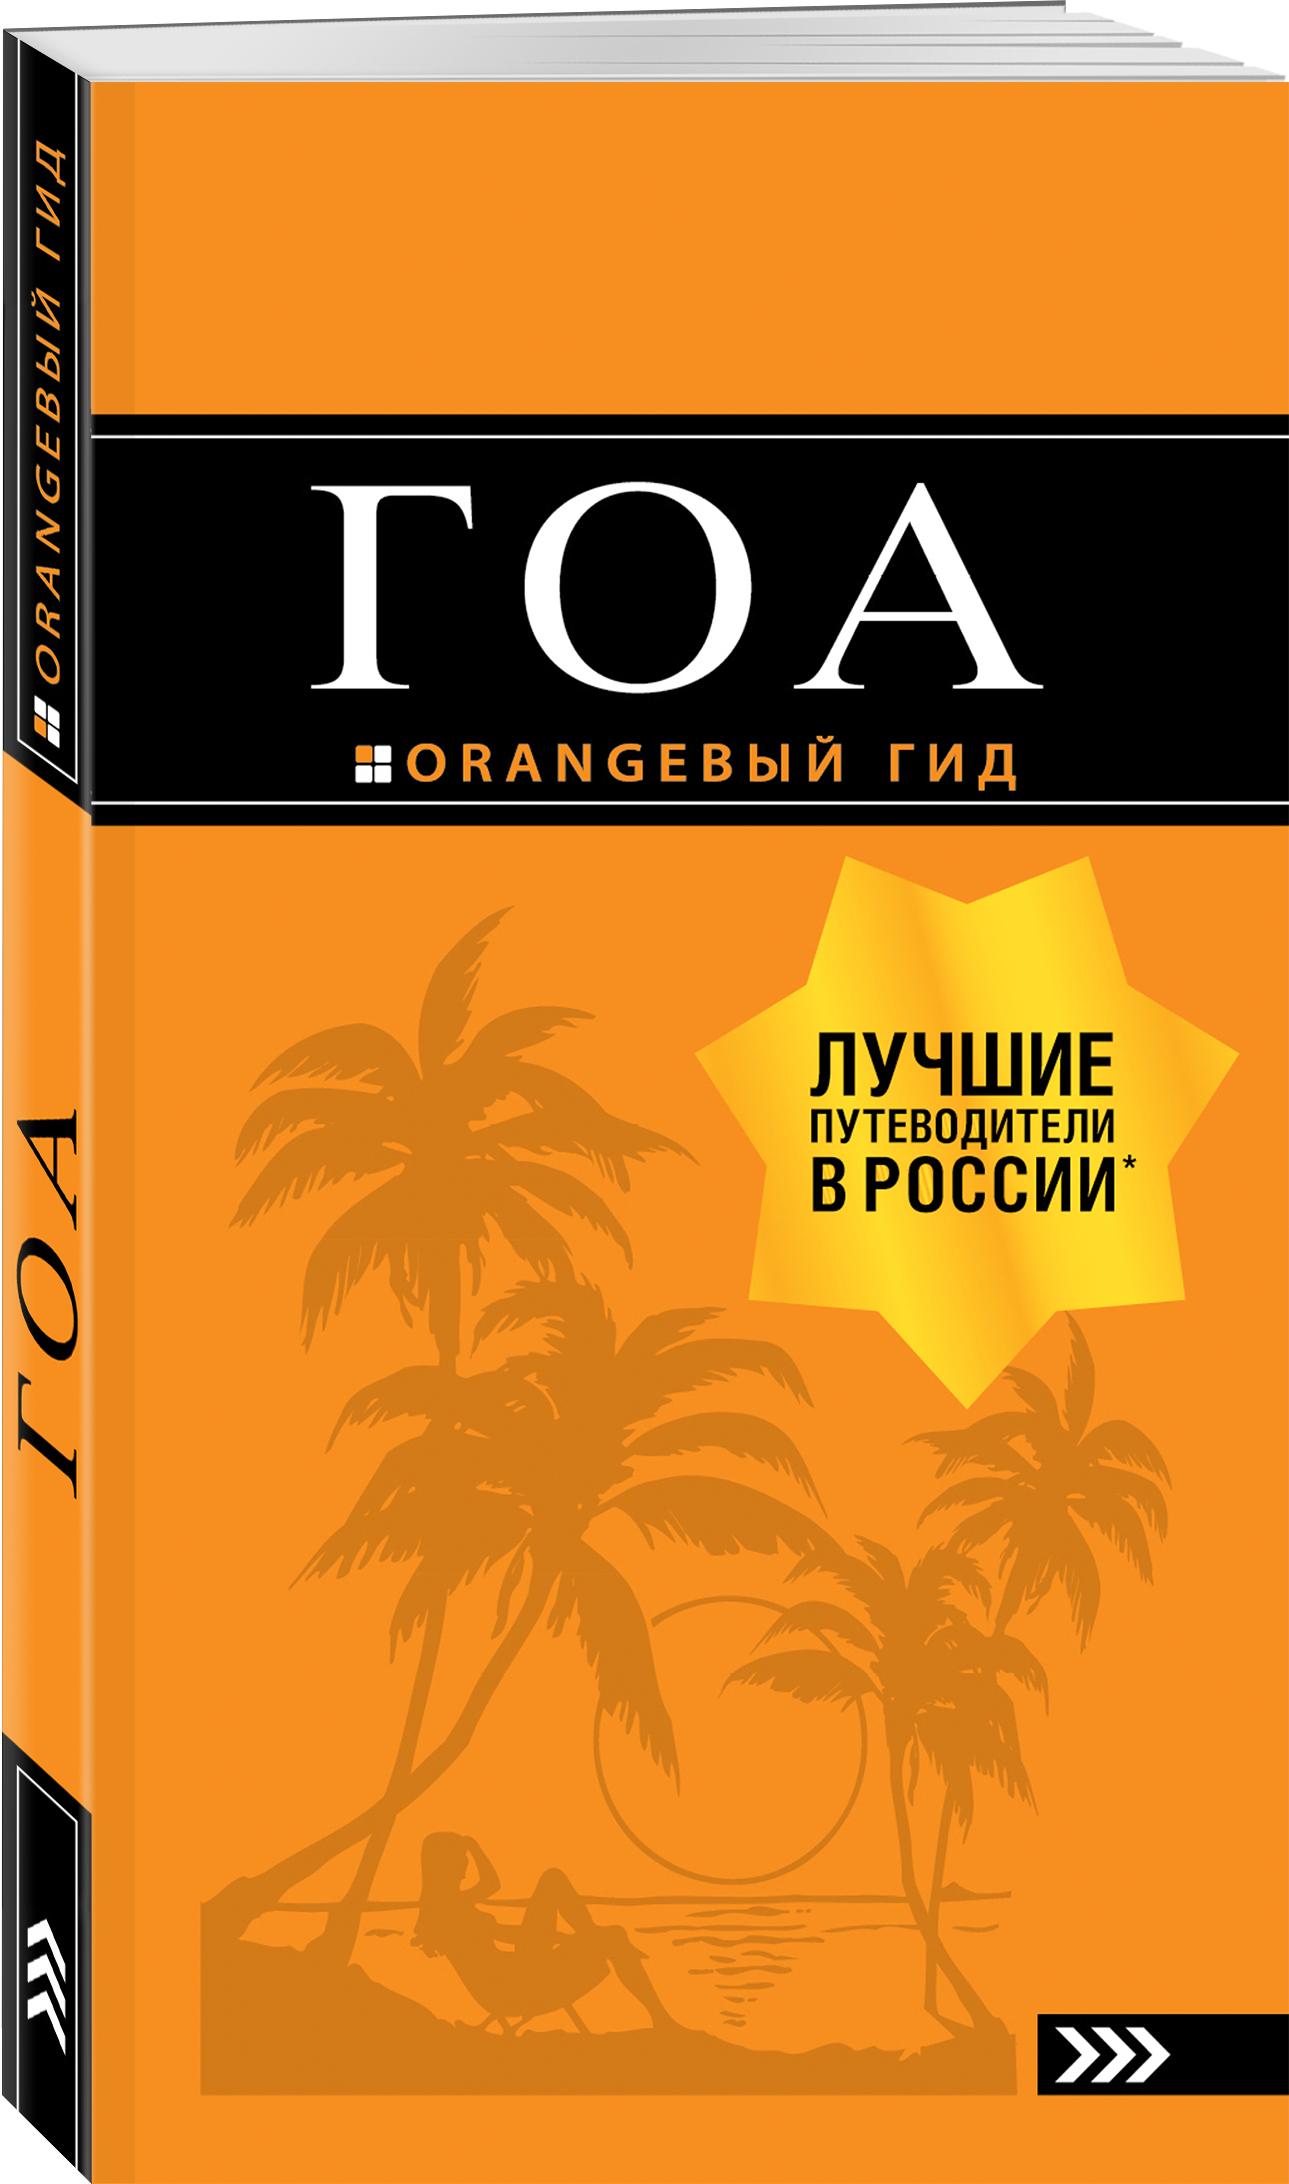 Давыдов А. Гоа: путеводитель. 3-е изд.